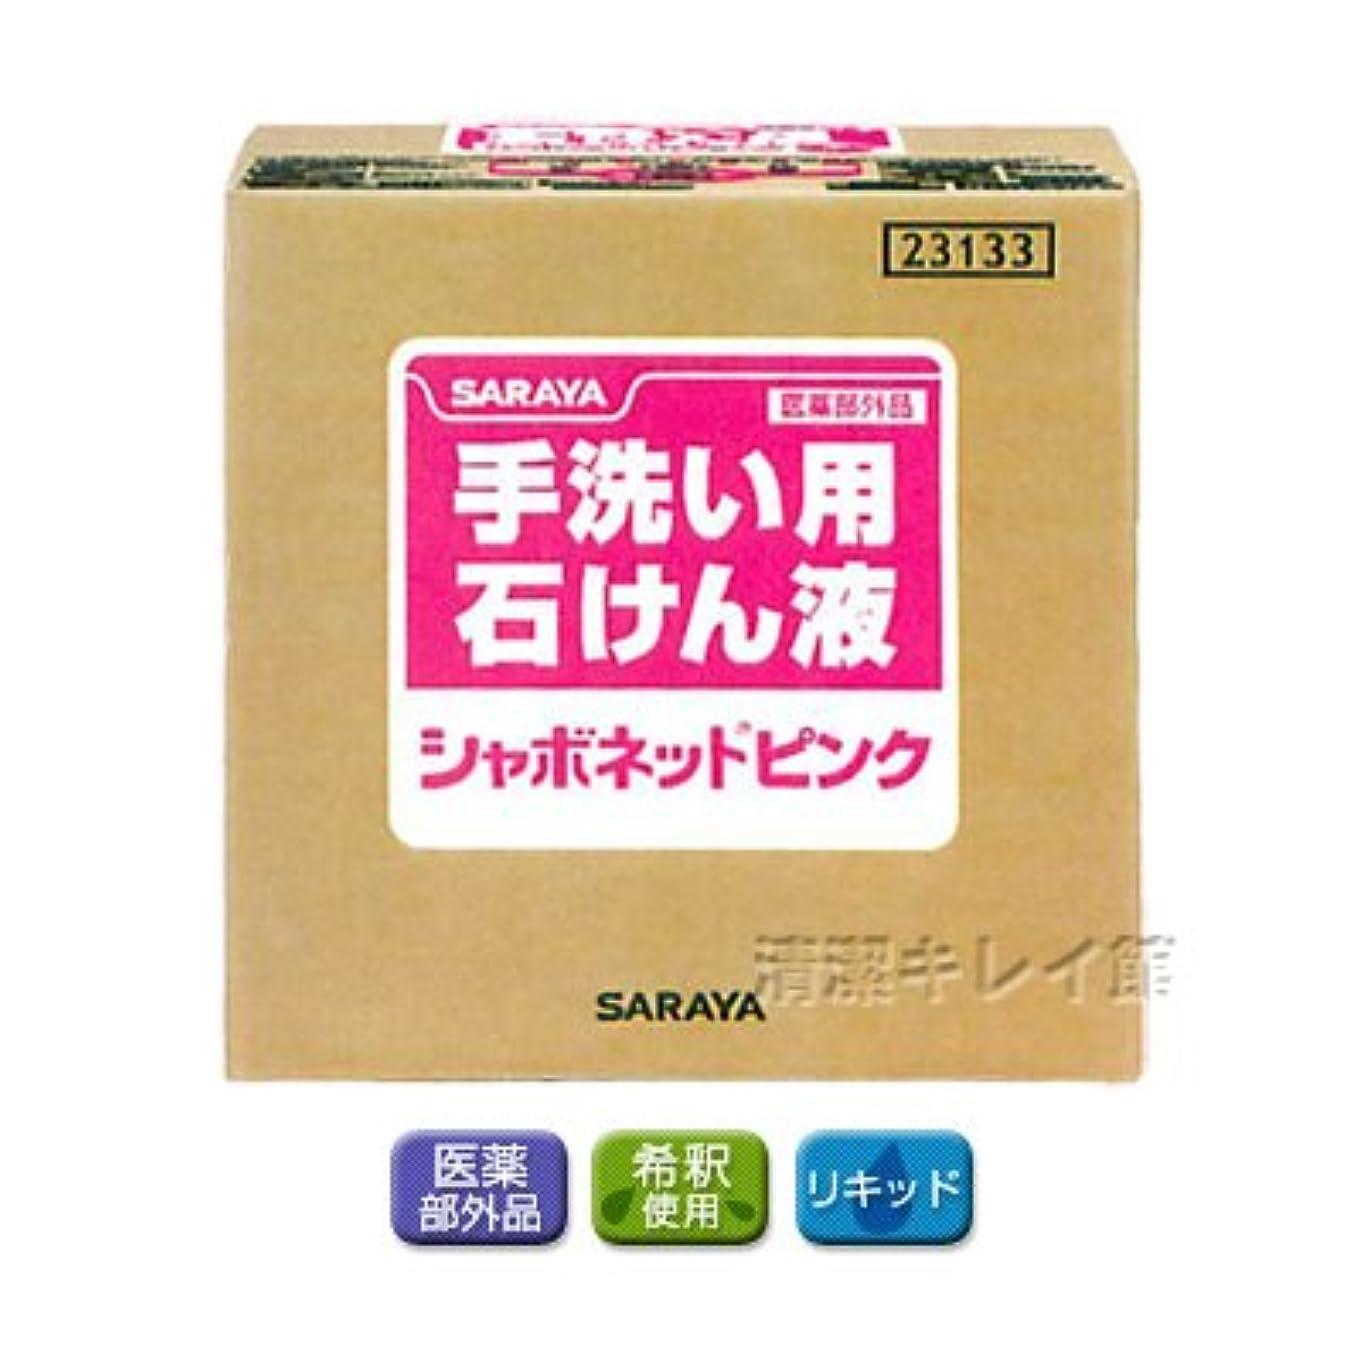 耐える寛容私【清潔キレイ館】サラヤ シャボネットピンク(20kg)